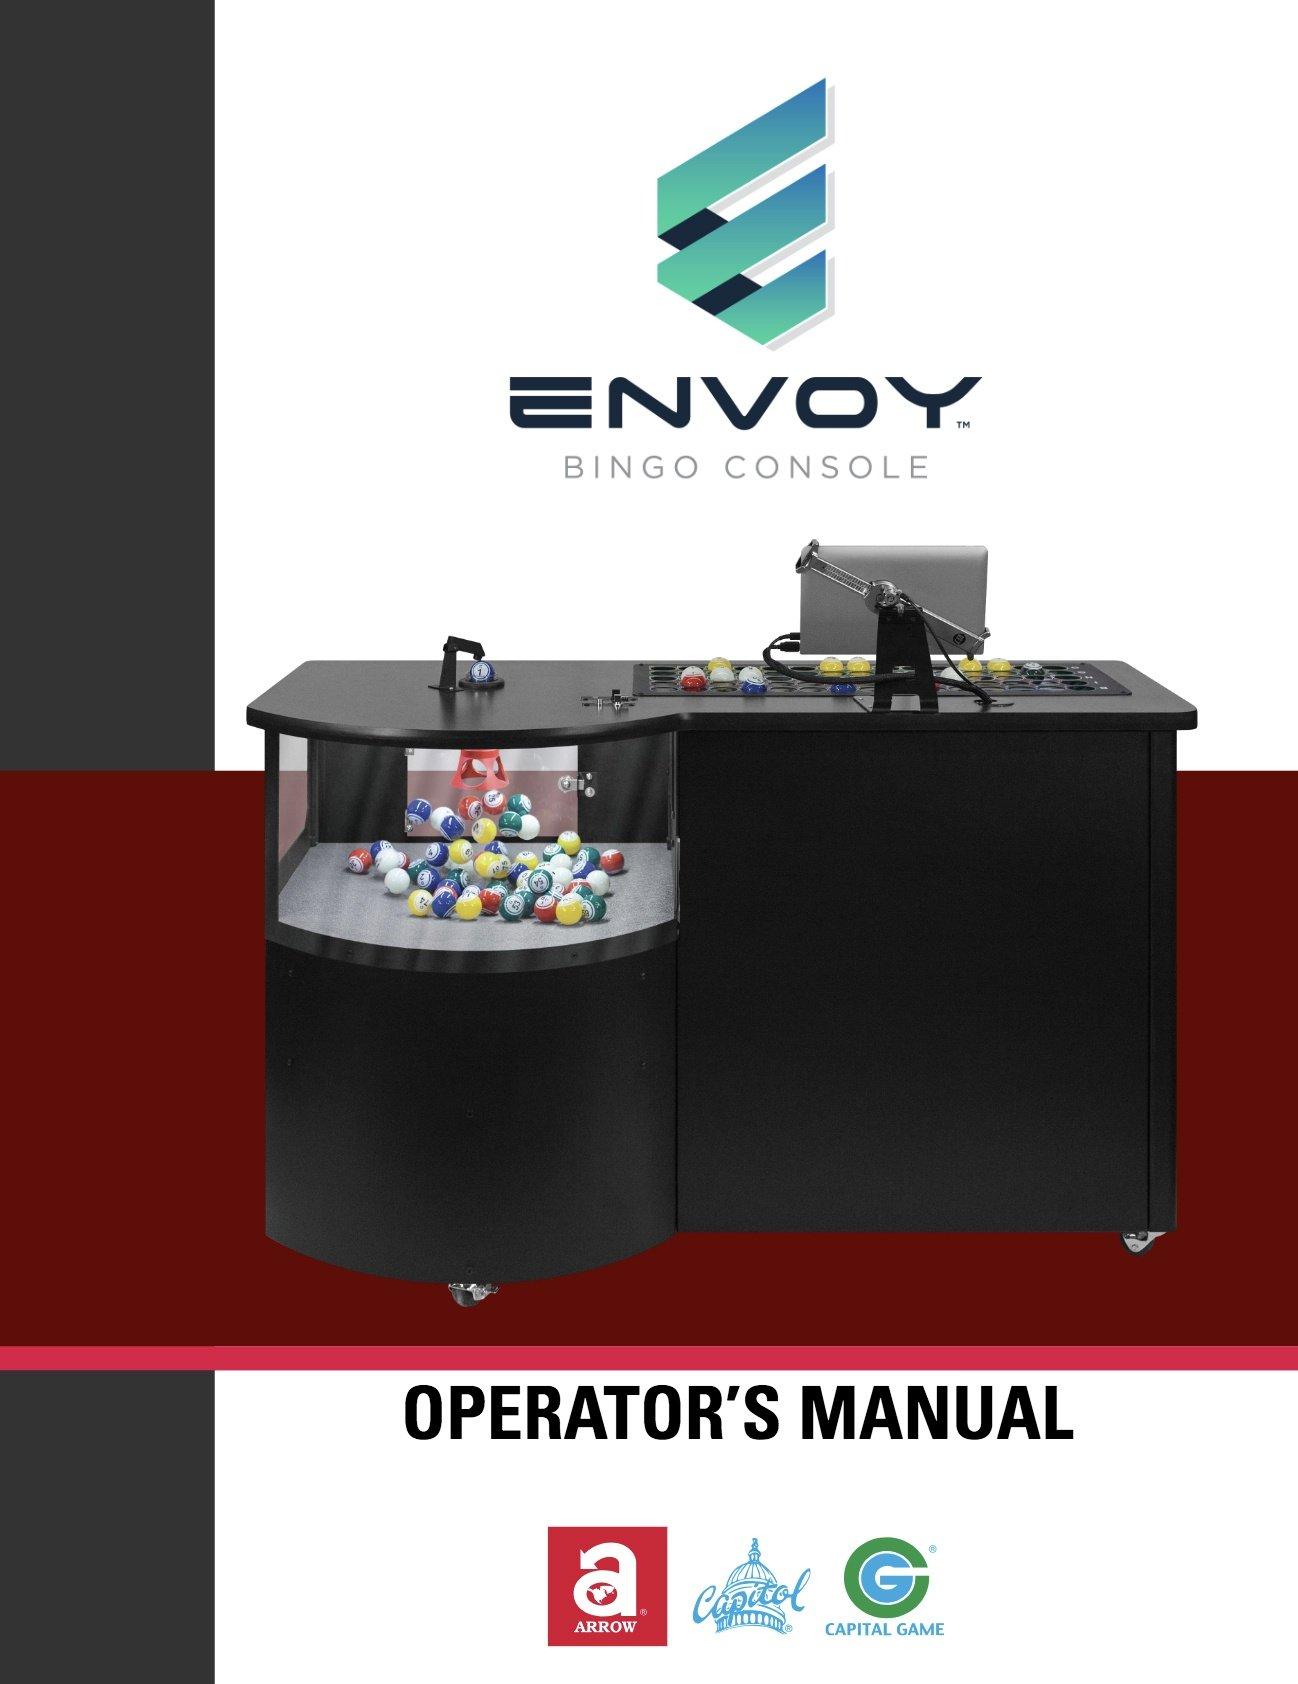 Envoy Manual Equipment Manuals